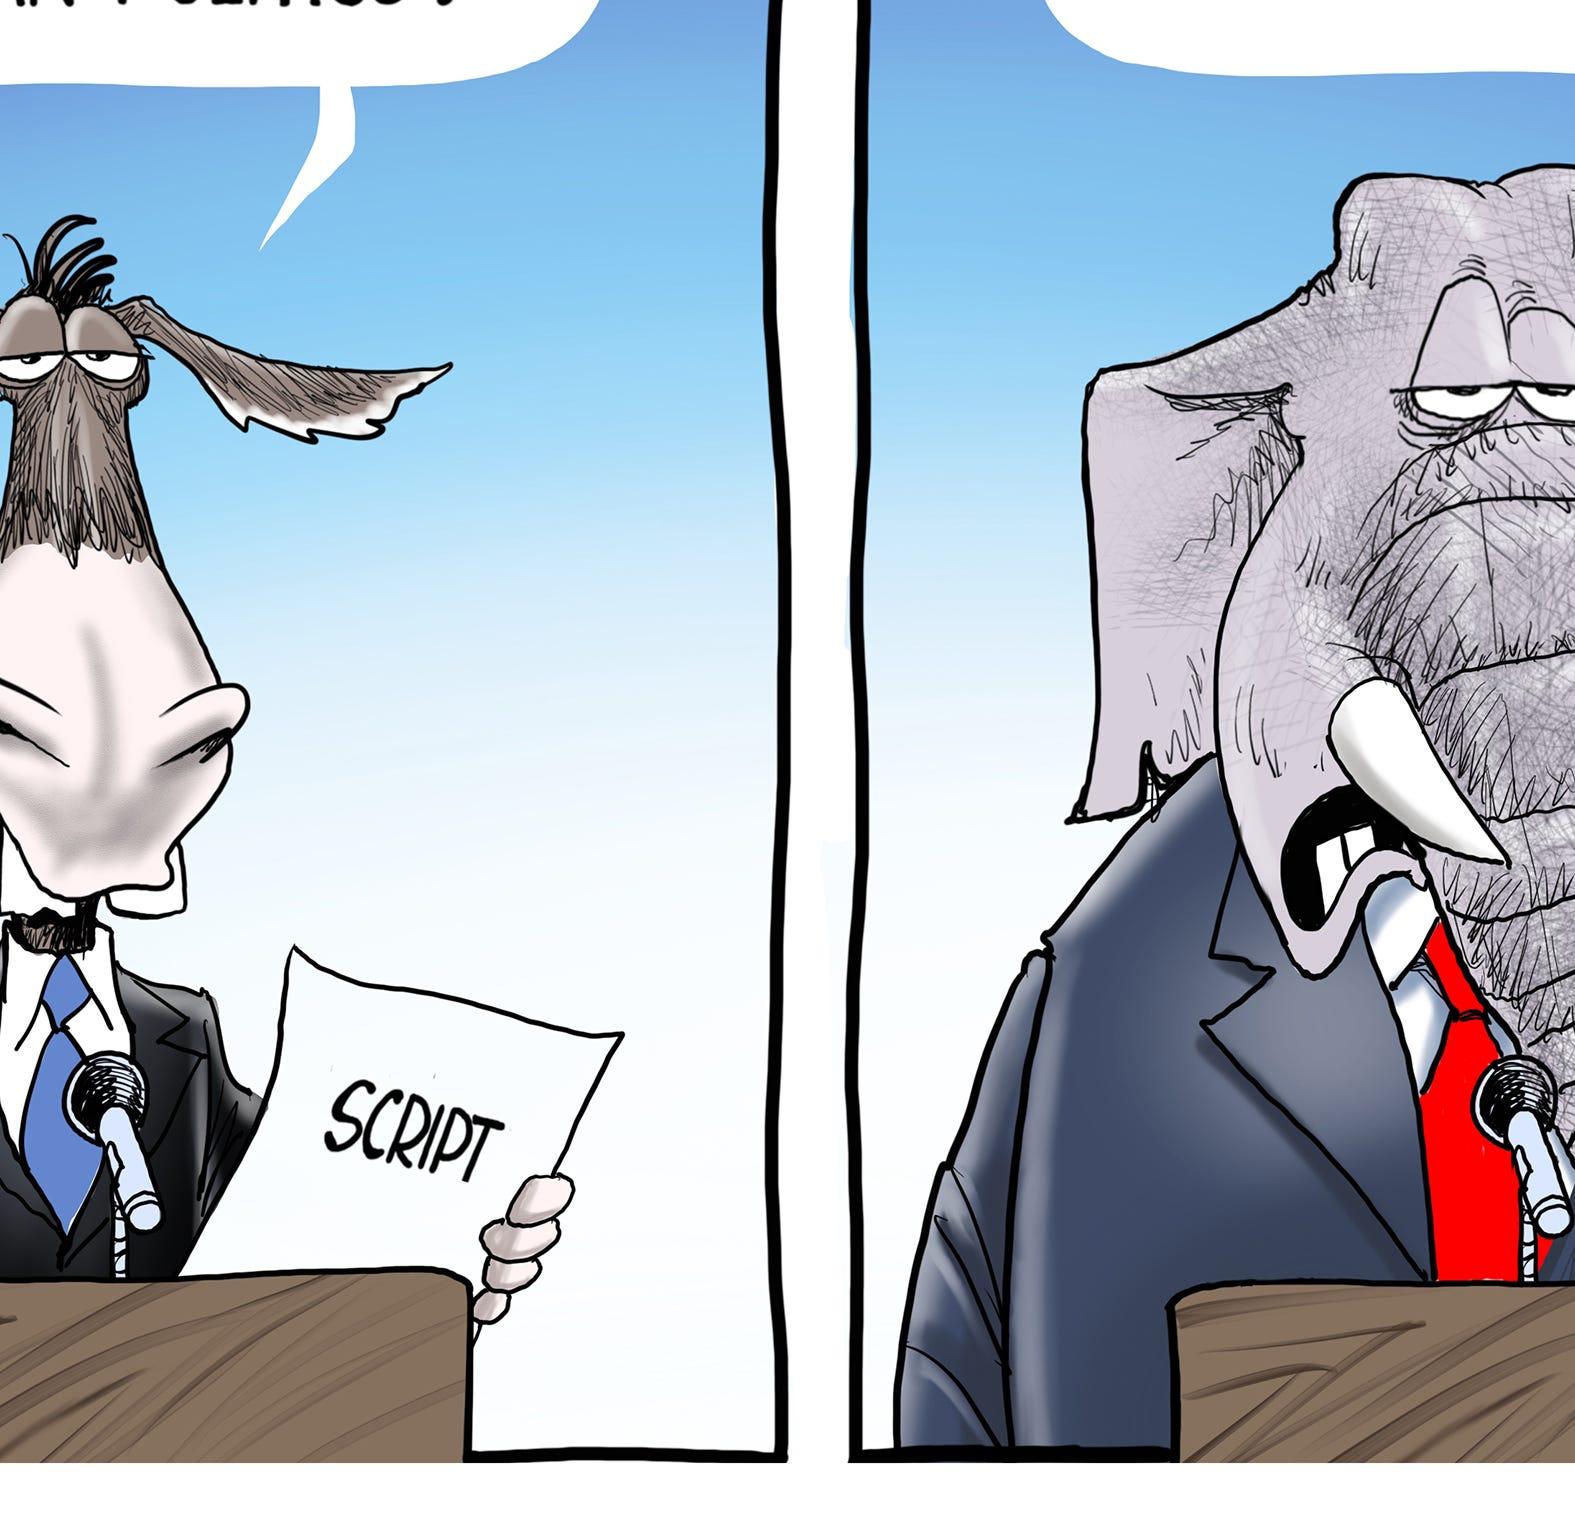 Cartoonist Gary Varvel: Political script